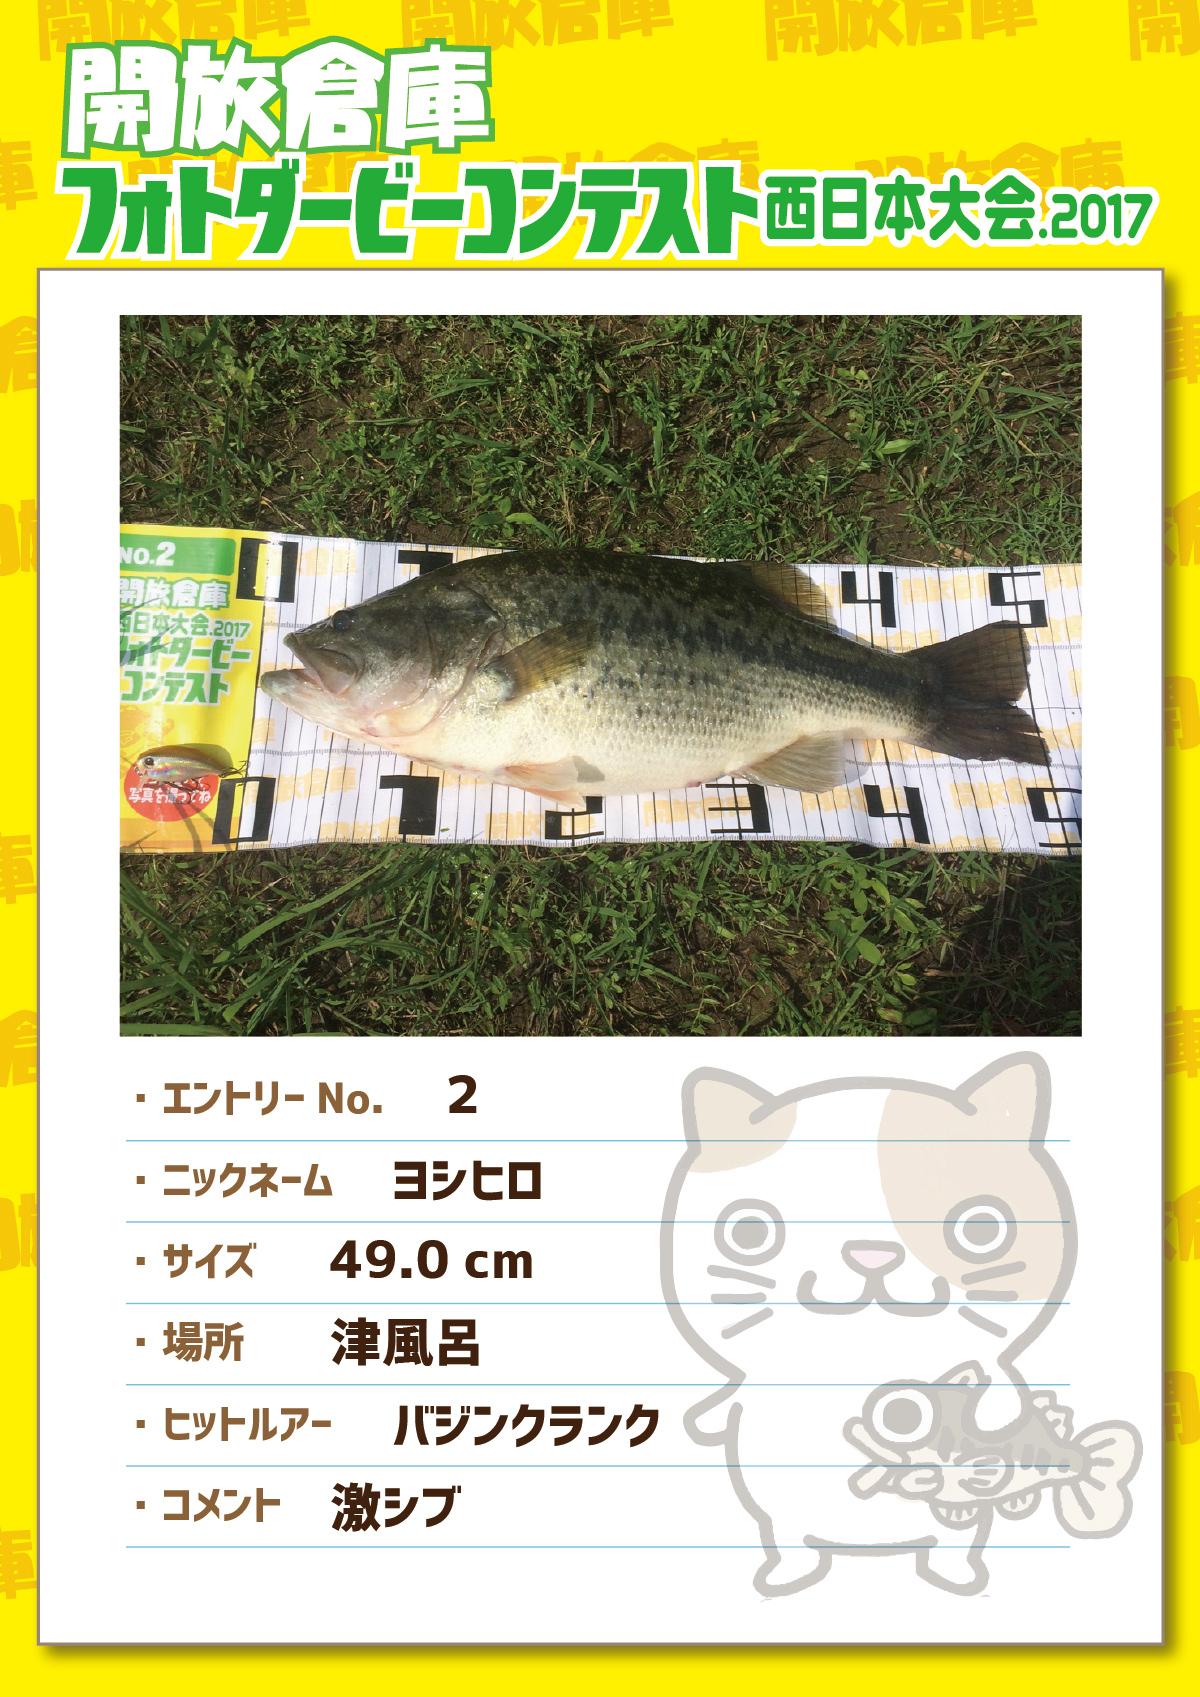 No.2 ヨシヒロ 49.0cm 津風呂 バジングランク 激シブ